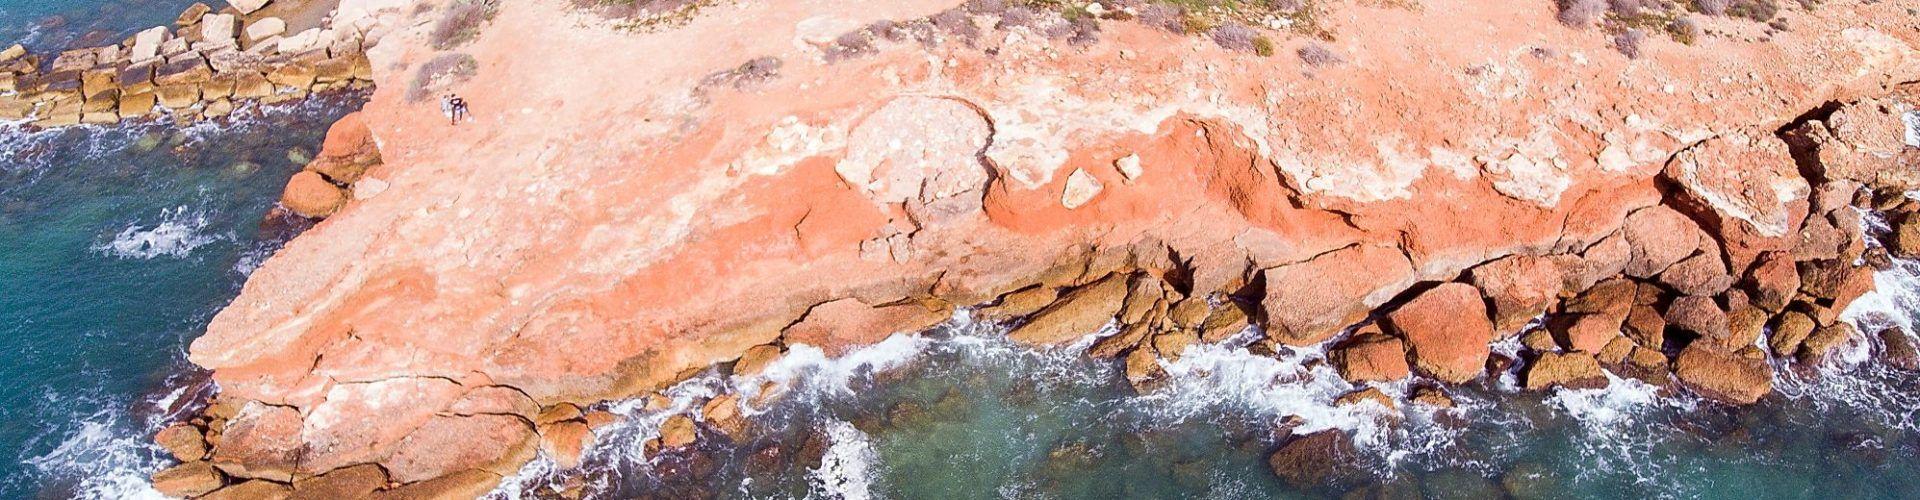 Jaciments arqueològics de Vinaròs afegits a l'inventari de la Conselleria de Cultura (III): Búnker de la punta de les Salines